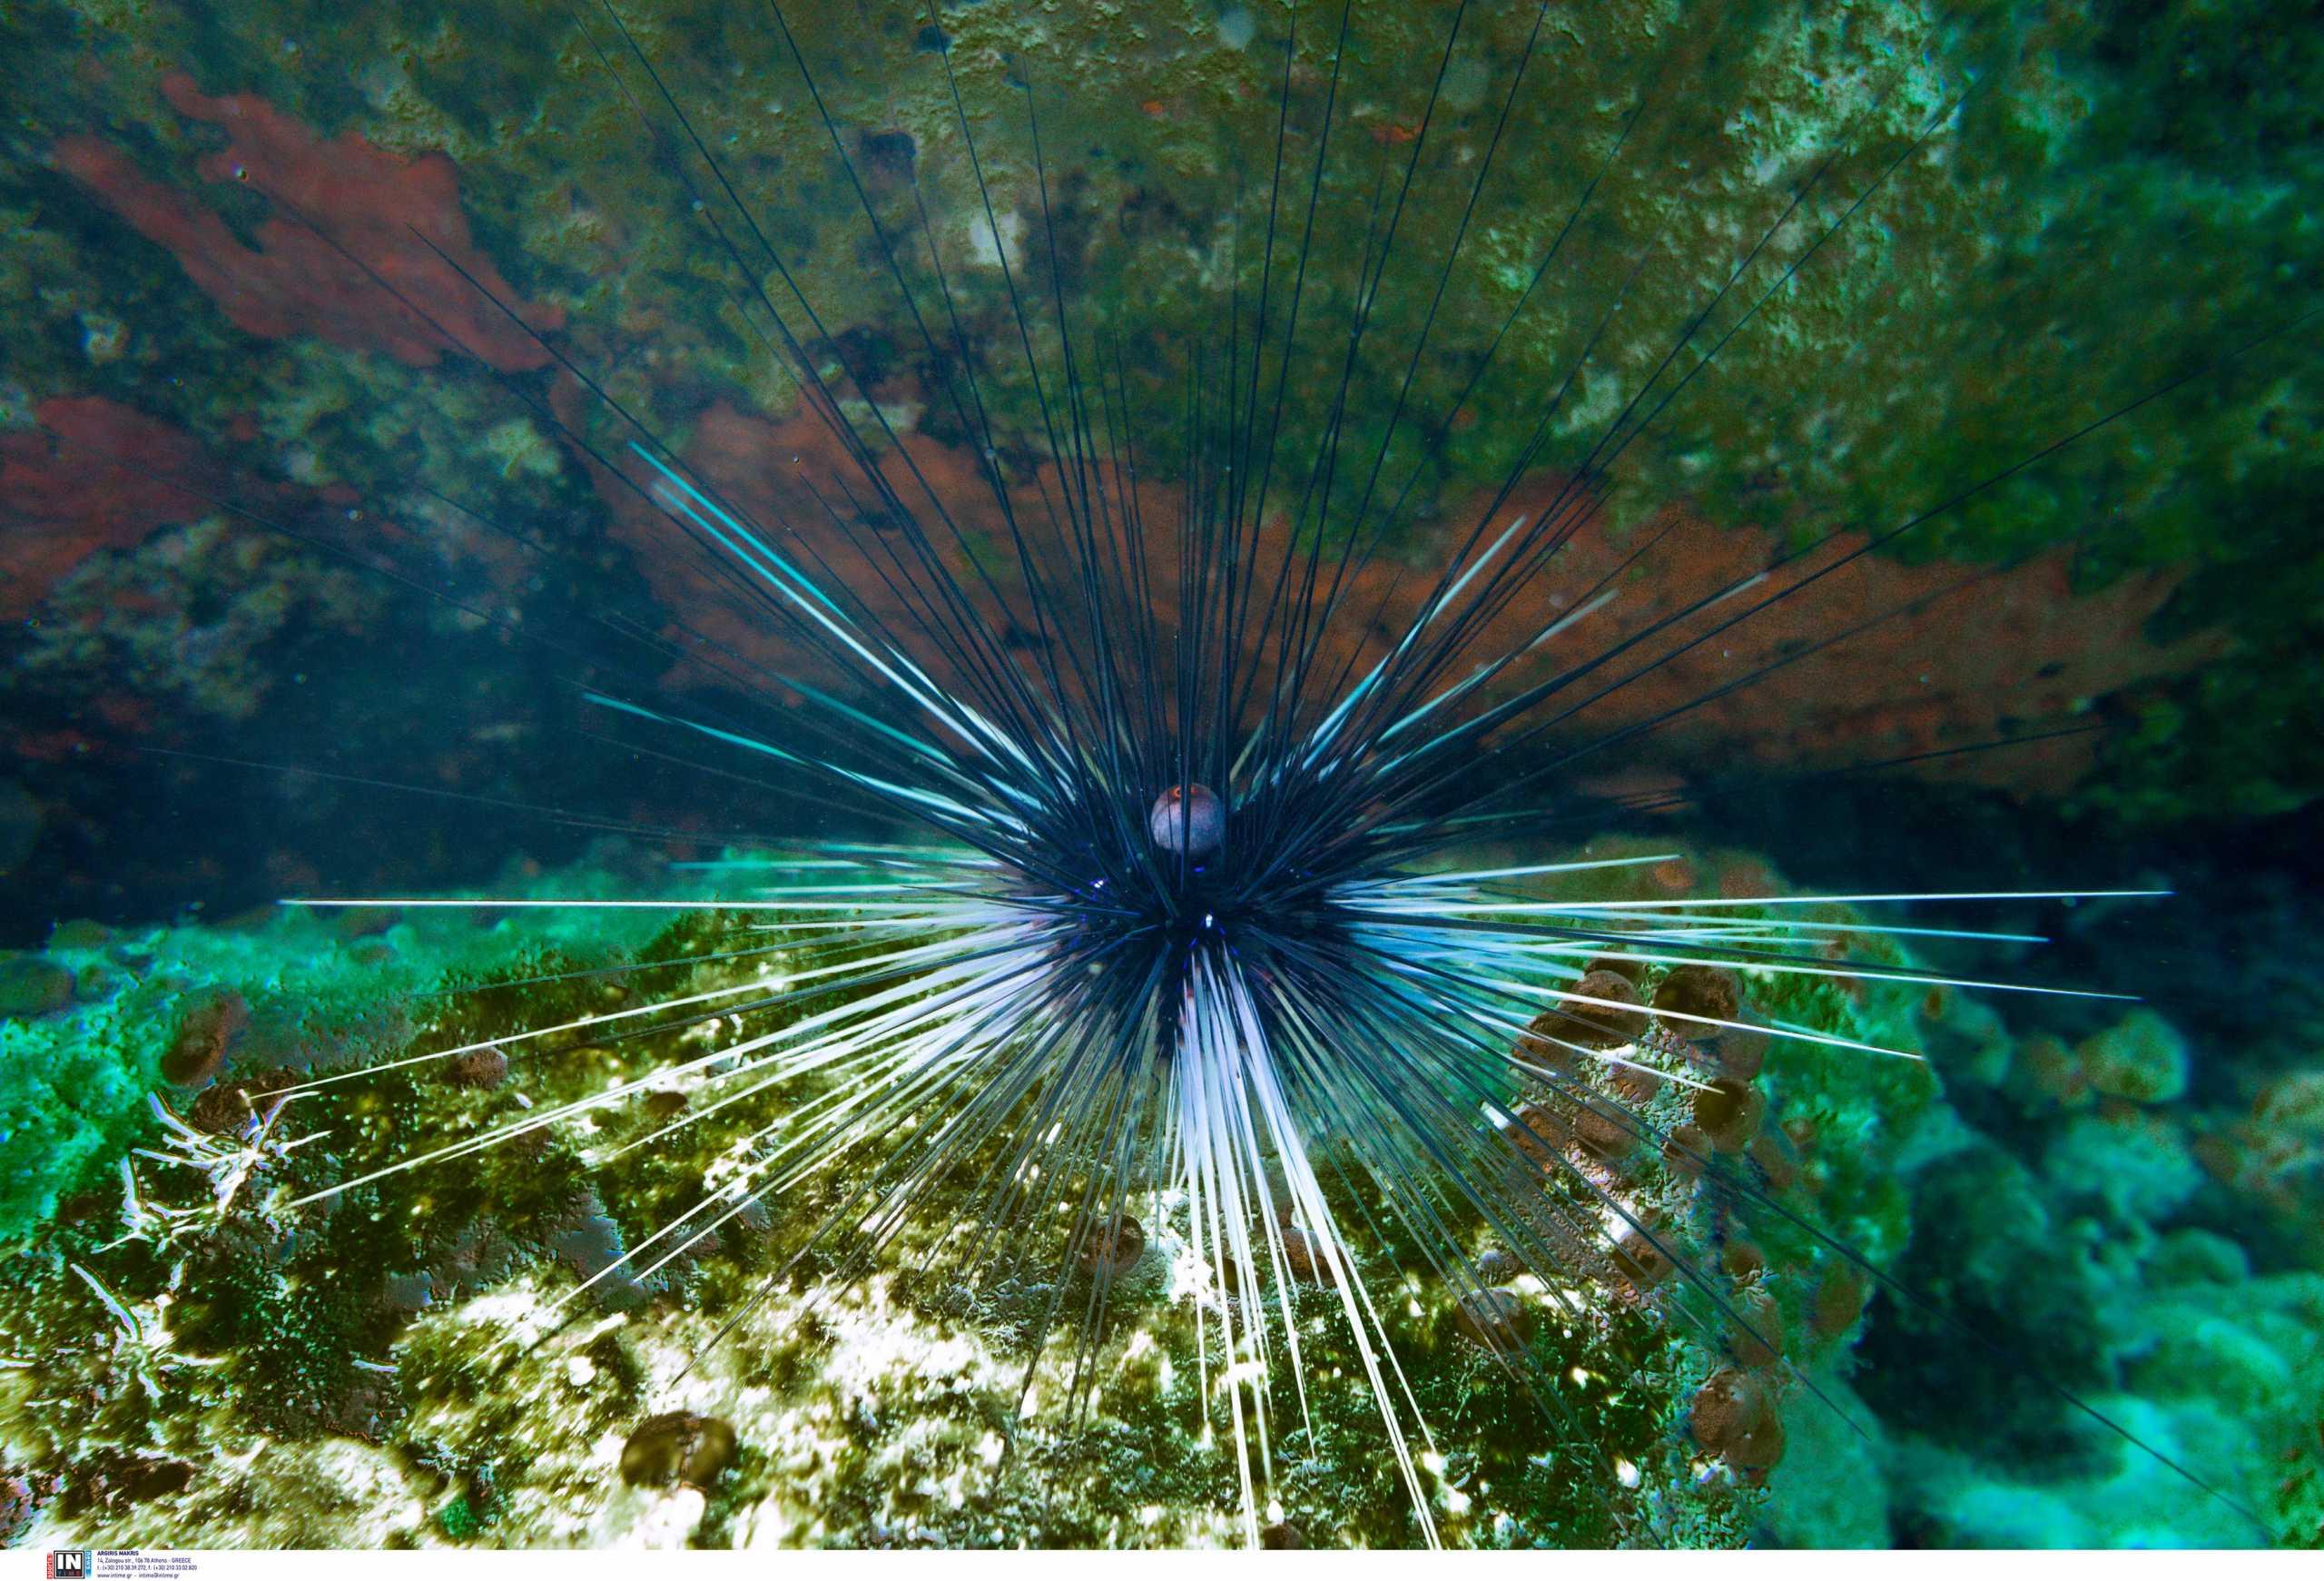 Κυκλάδες: Αυτός είναι ο δηλητηριώδης αχινός που έφτασε από τον Ειρηνικό και αυξάνεται στις ελληνικές θάλασσες